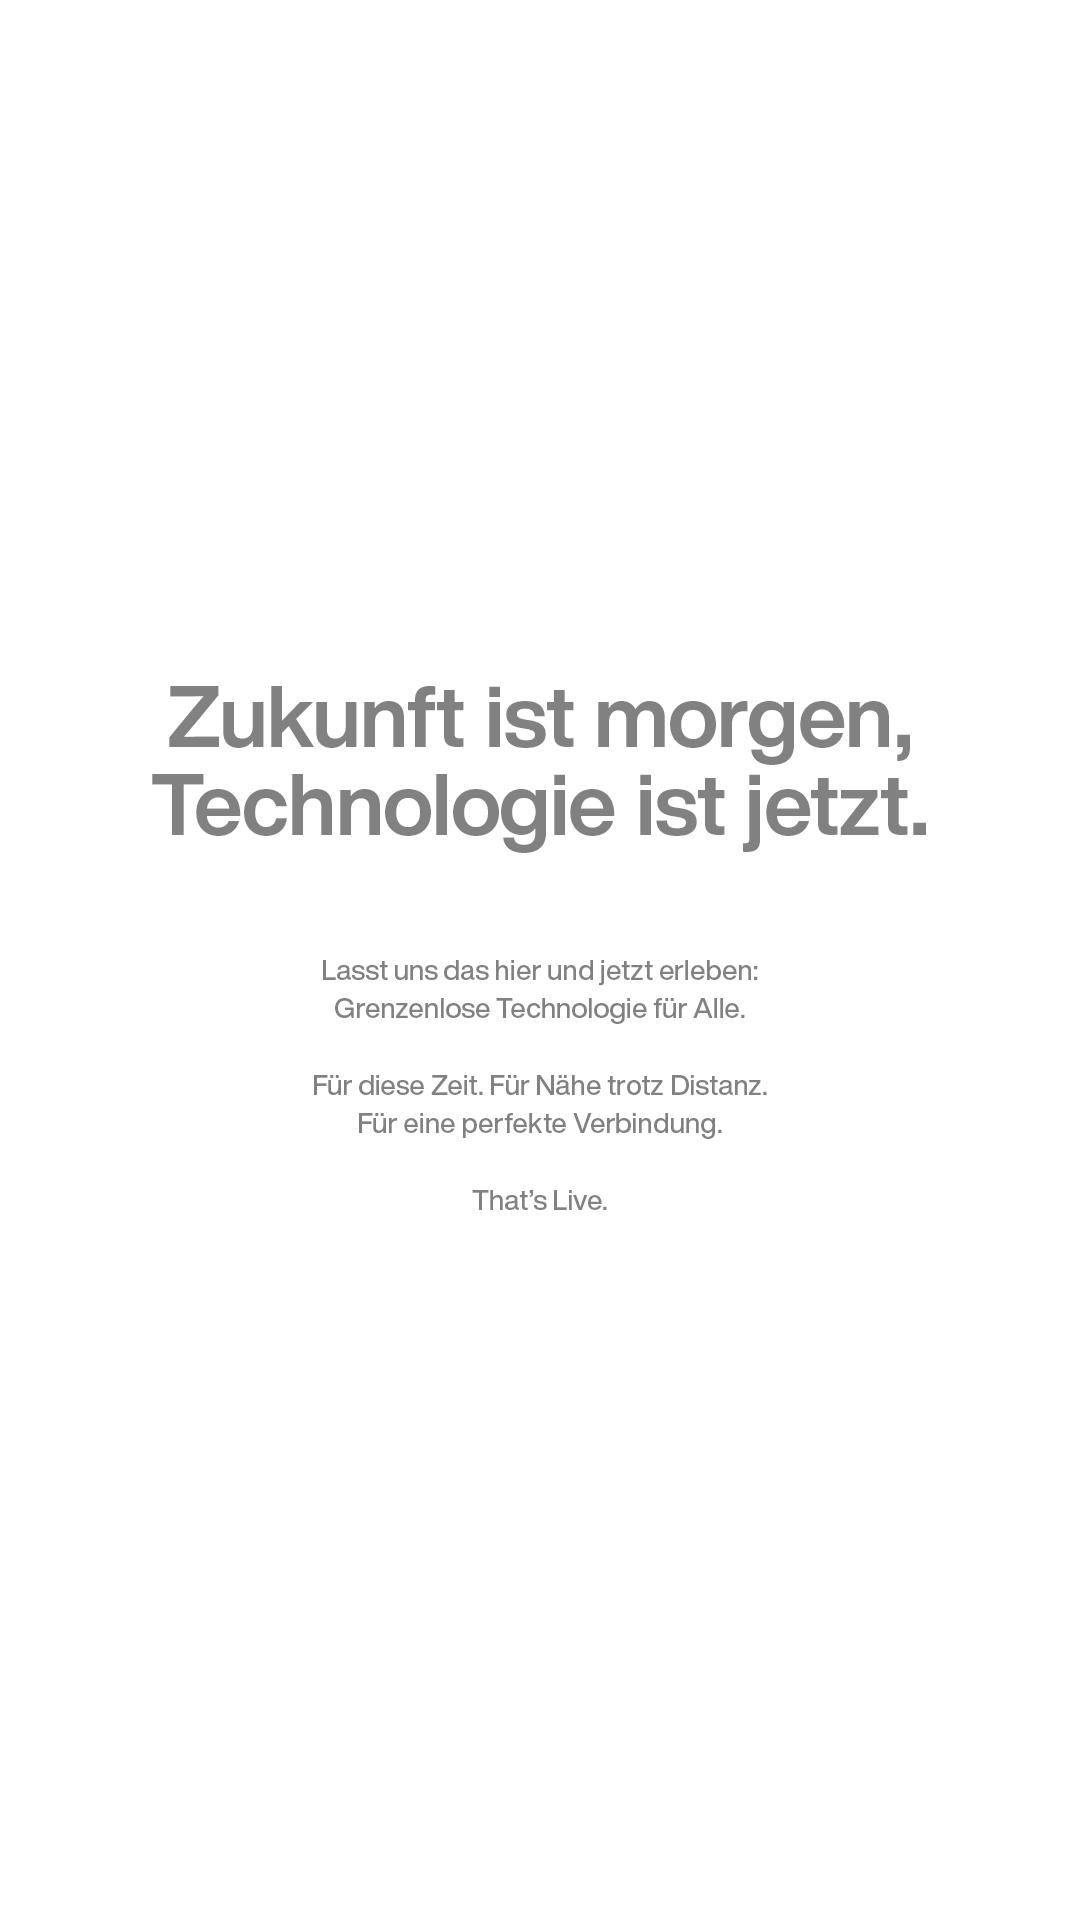 technologie und zukunft